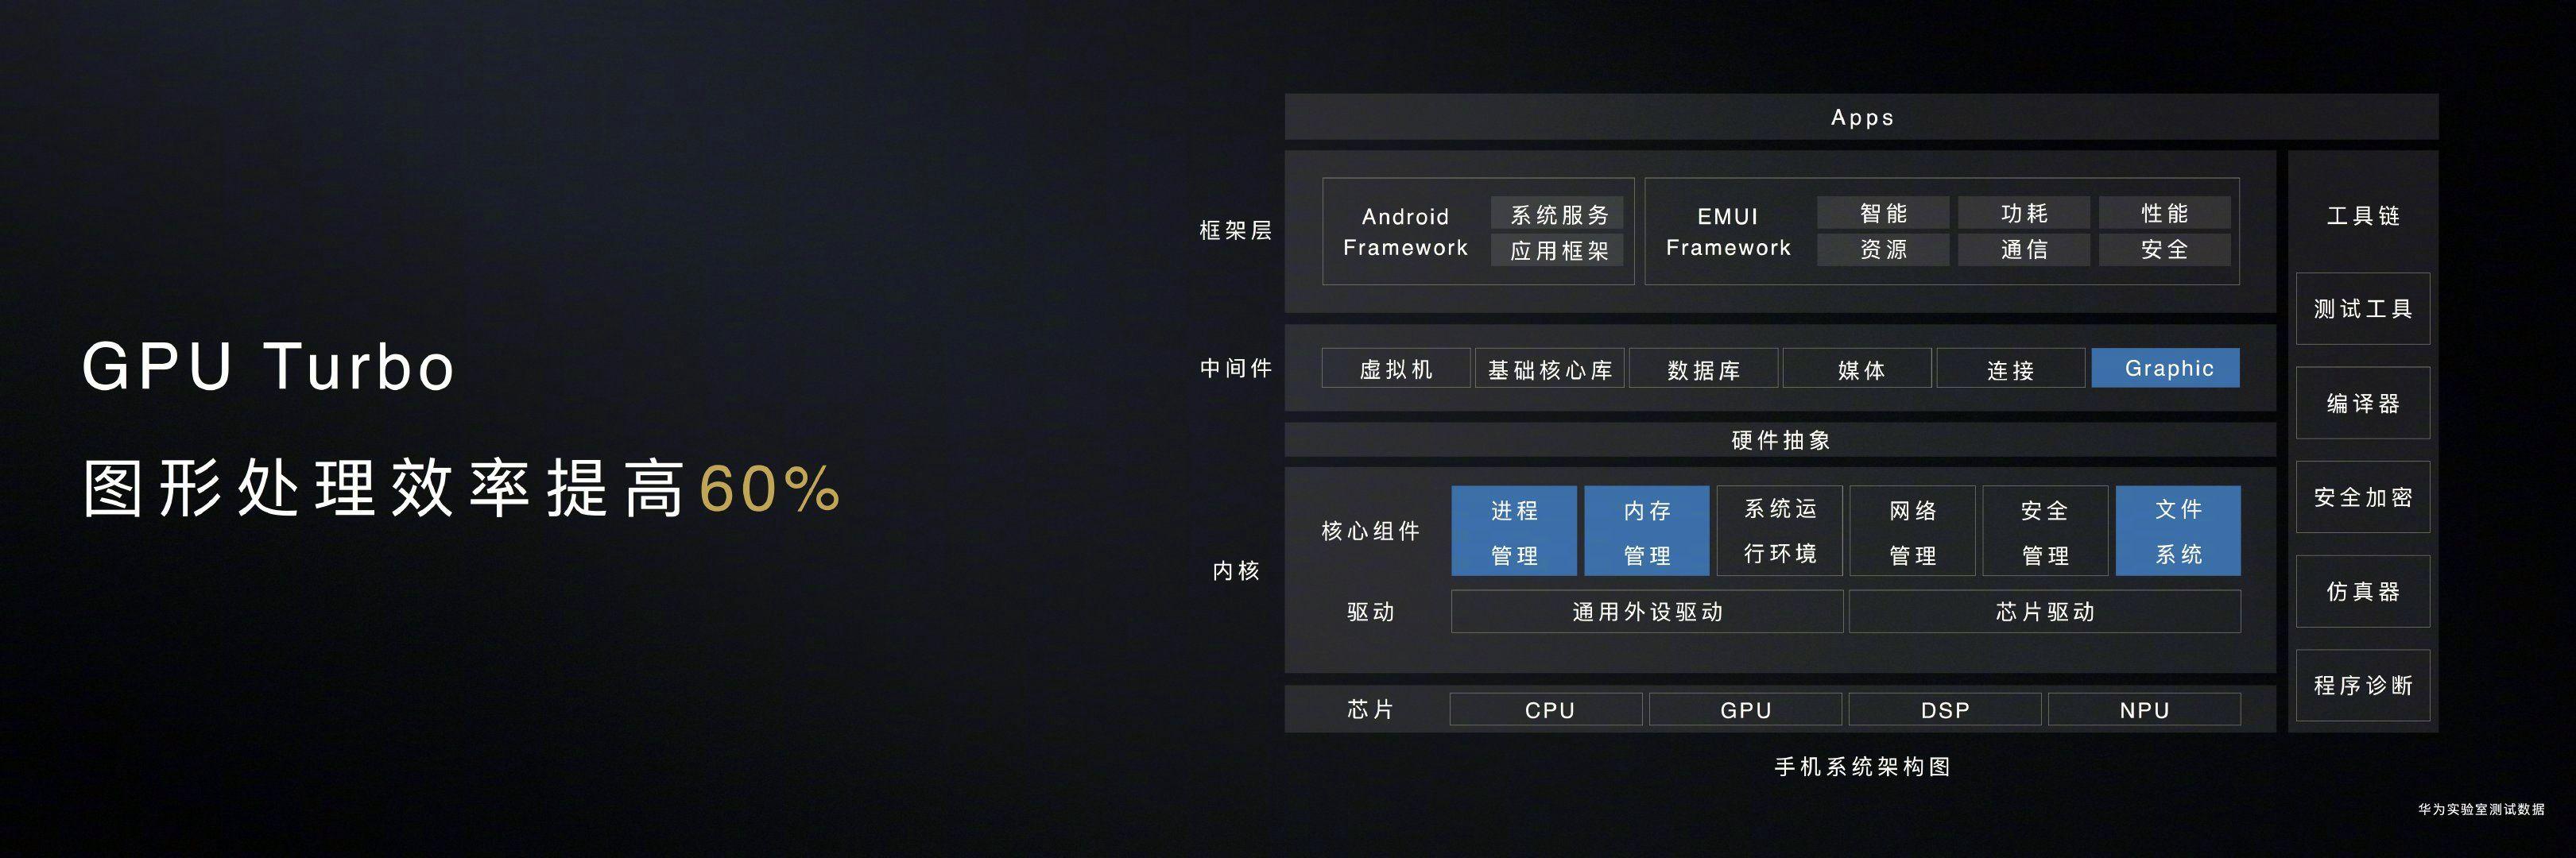 EMUI 10 GPU Turbo